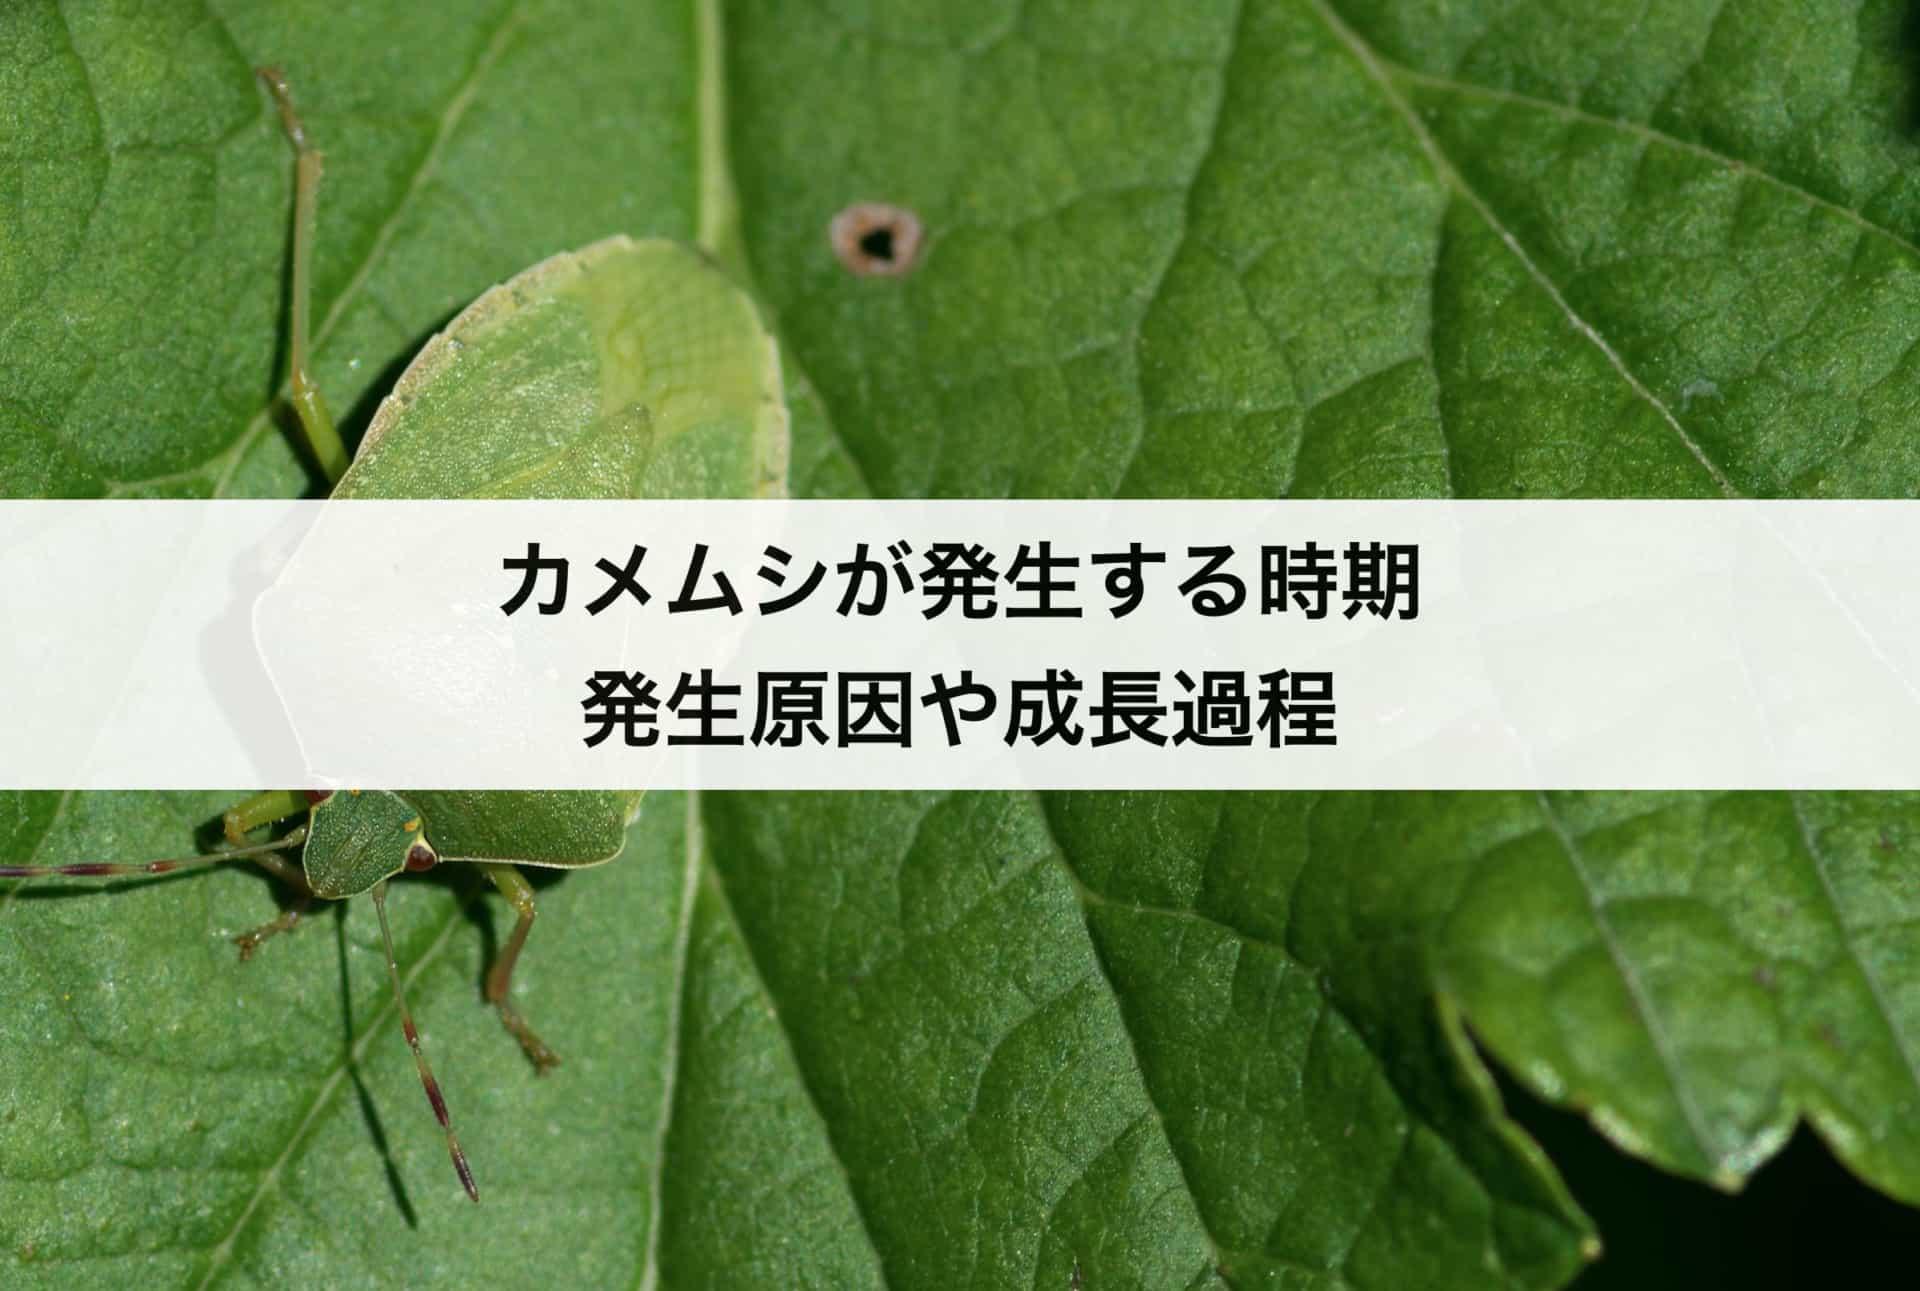 カメムシが発生する時期や季節|カメムシの発生原因や成長過程についても解説!